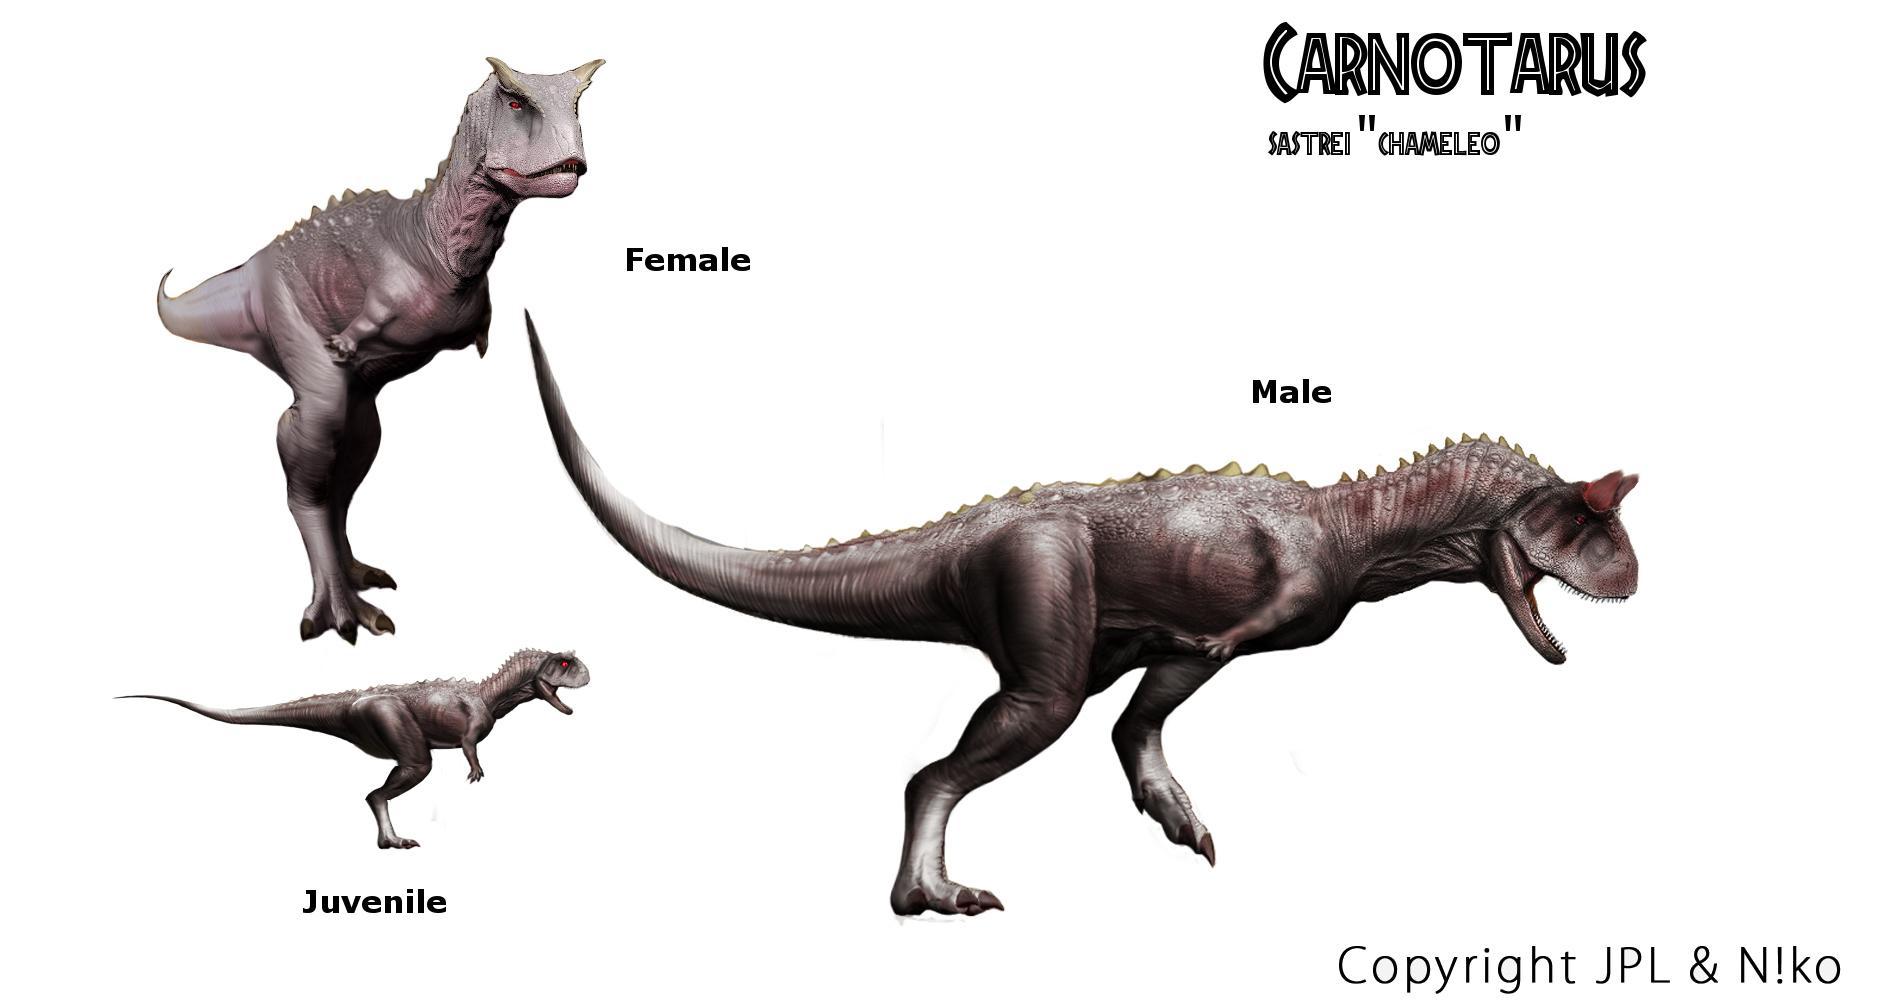 carnotaurus sastrei quotchamaeleoquot return to new lands